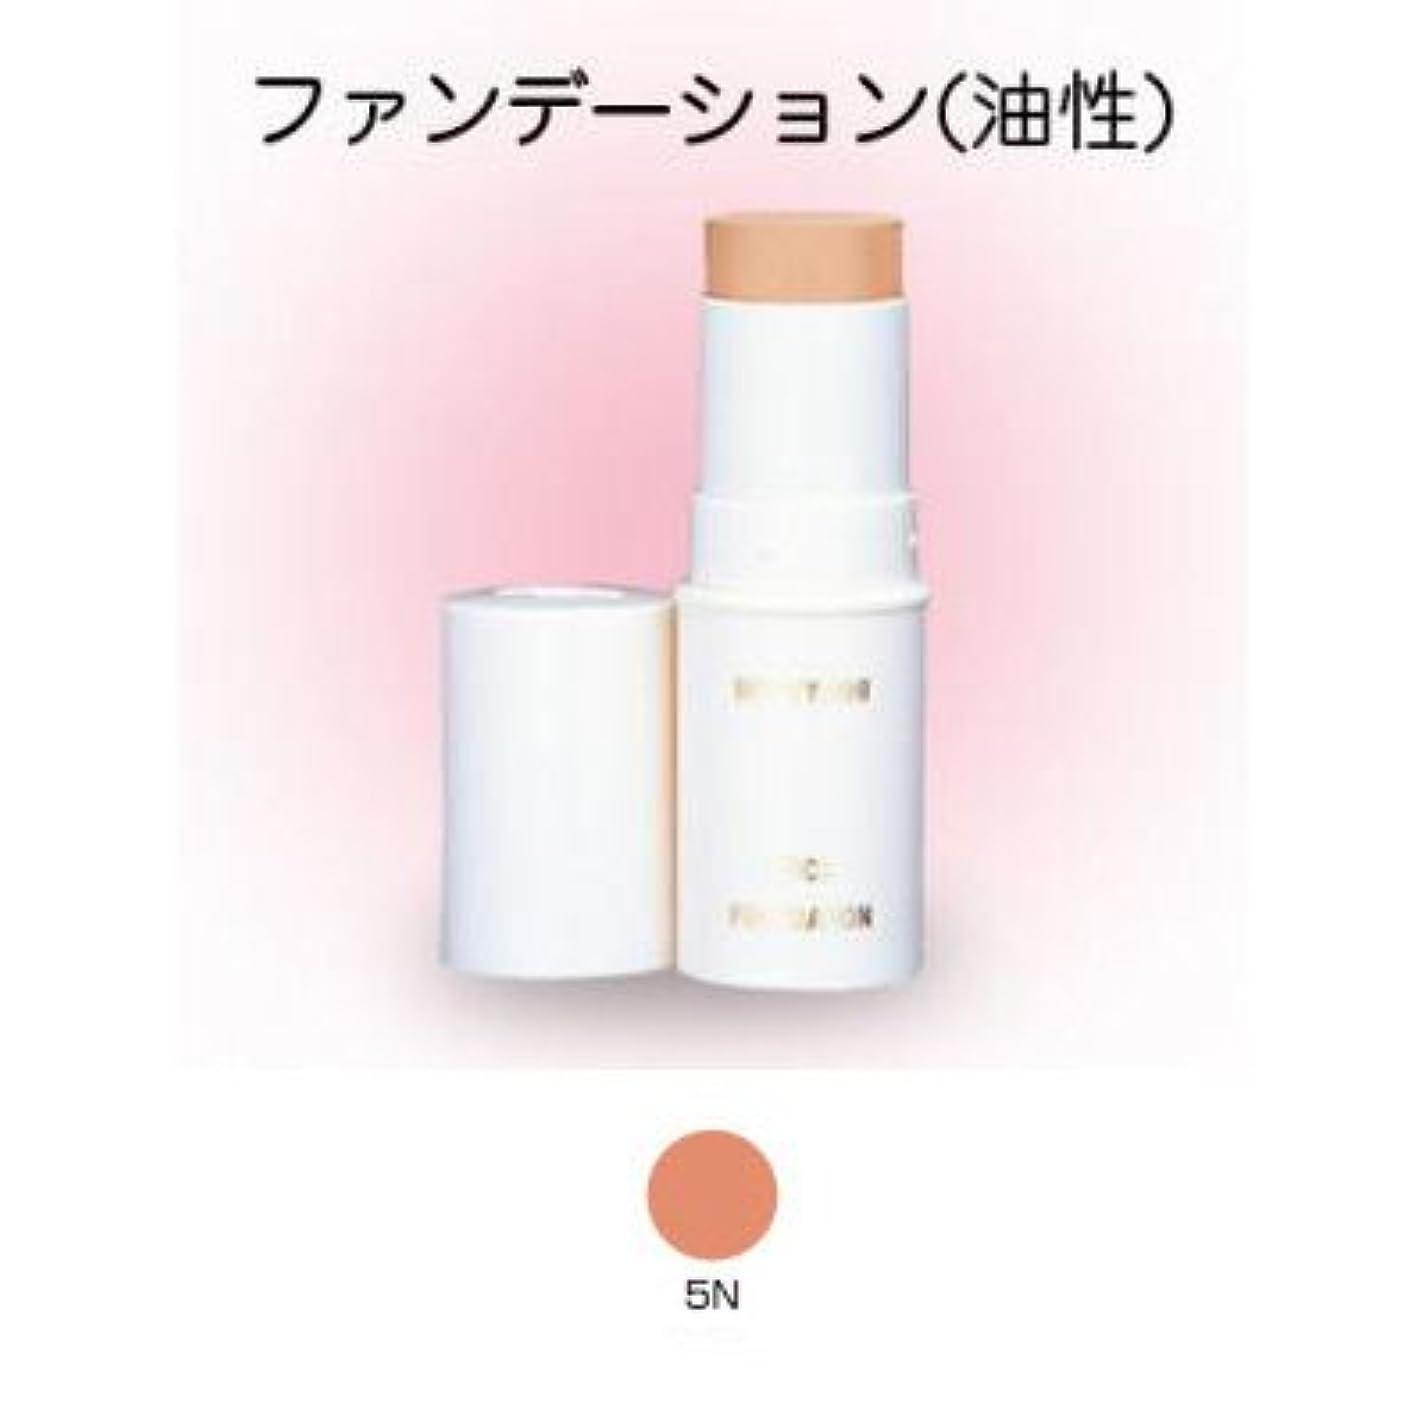 ループタイムリーなハイキングスティックファンデーション 16g 5N 【三善】